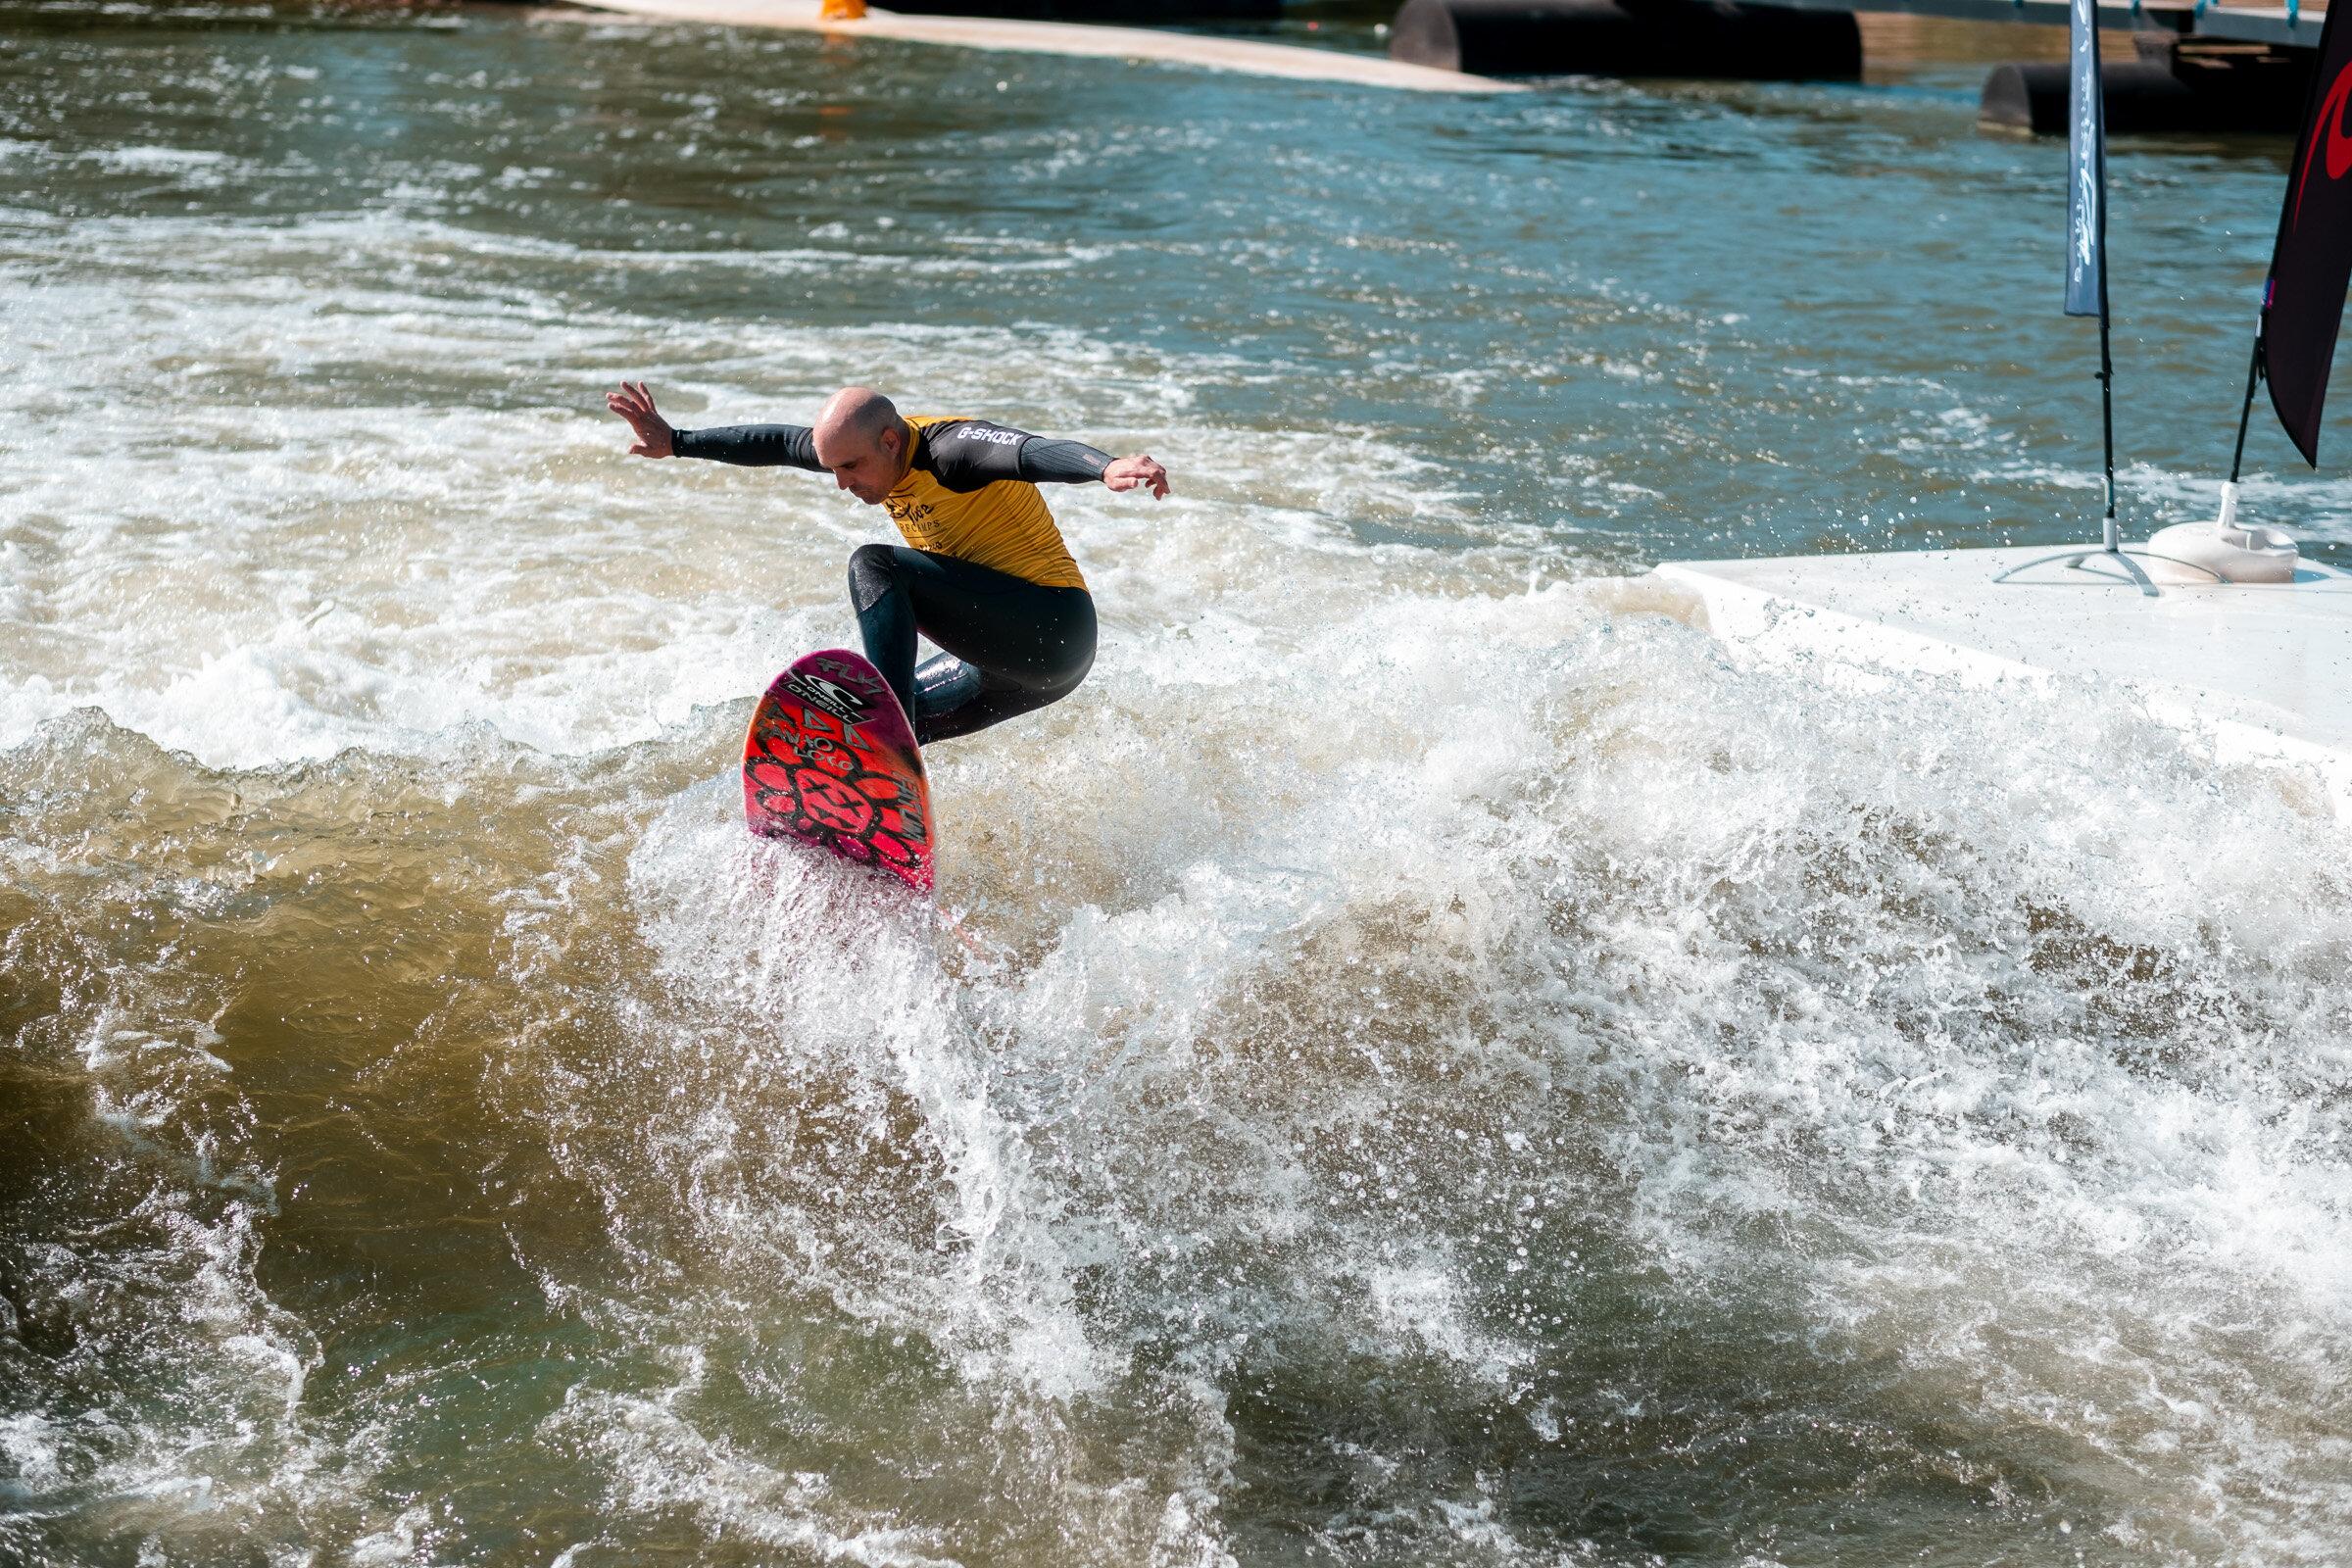 rapid-surf-contest-derKristof-100.jpg